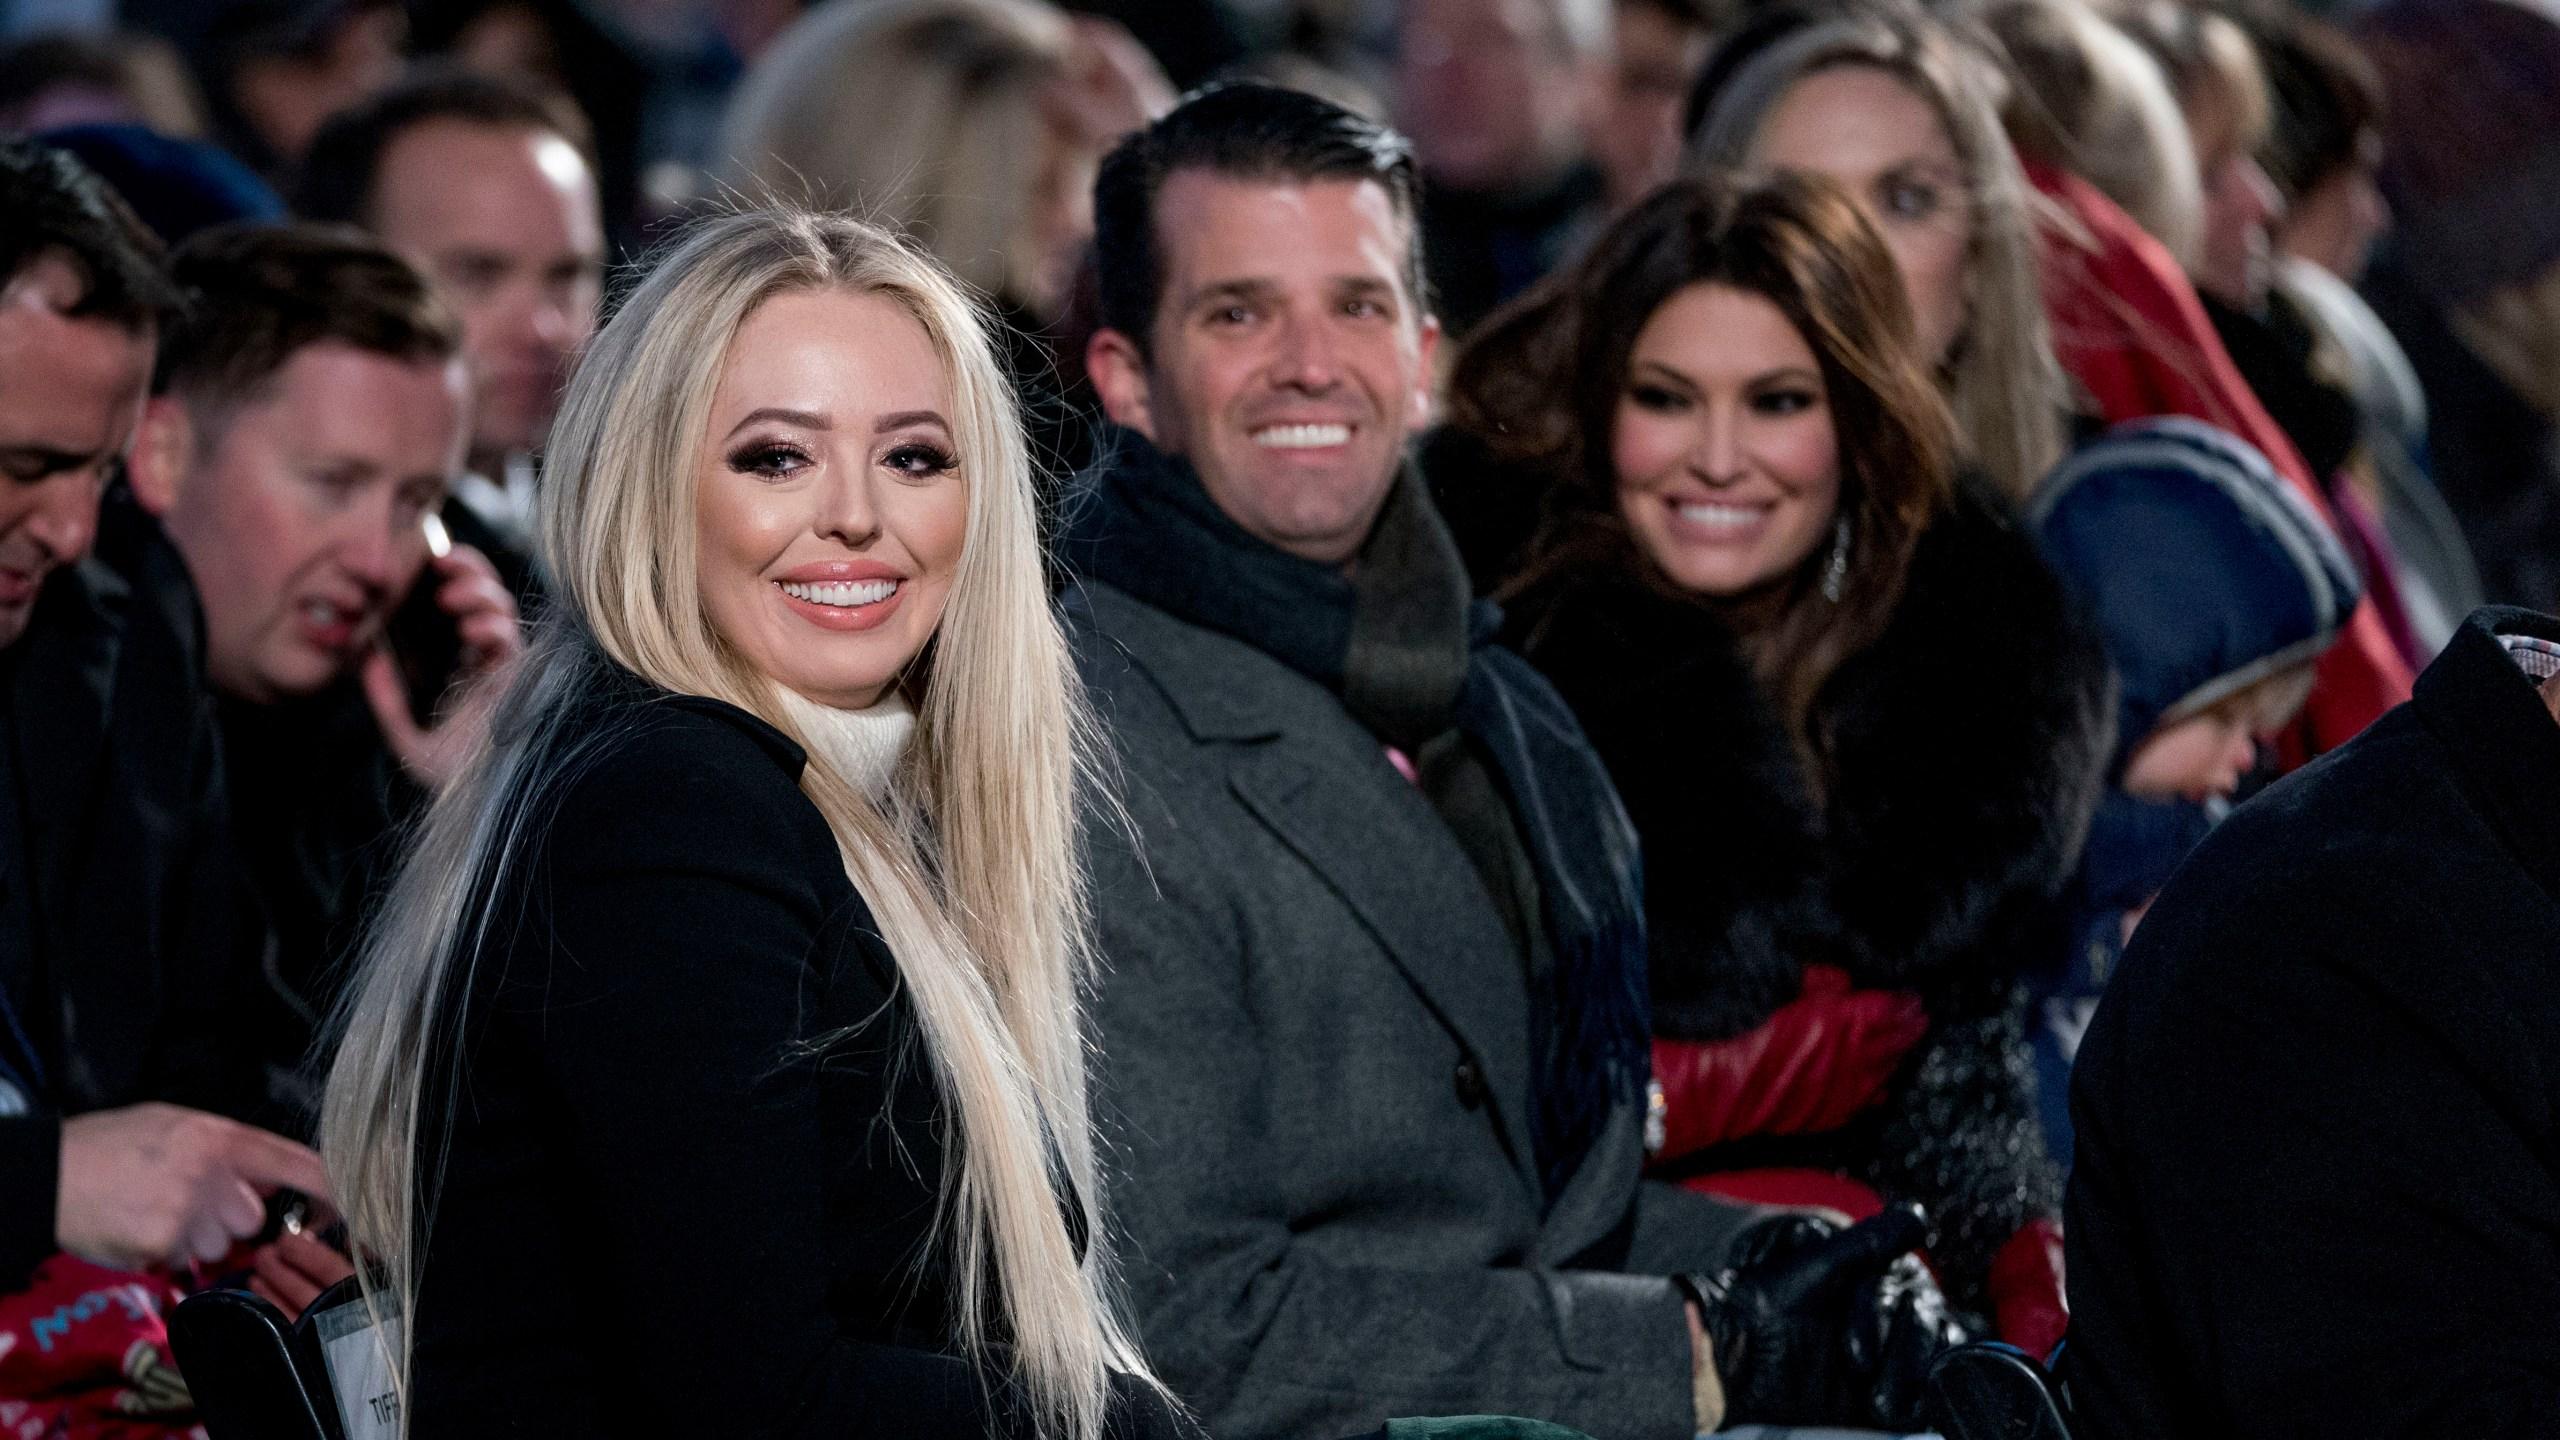 Donald Trump Jr., Kimberly Guilfoyle, Tiffany Trump